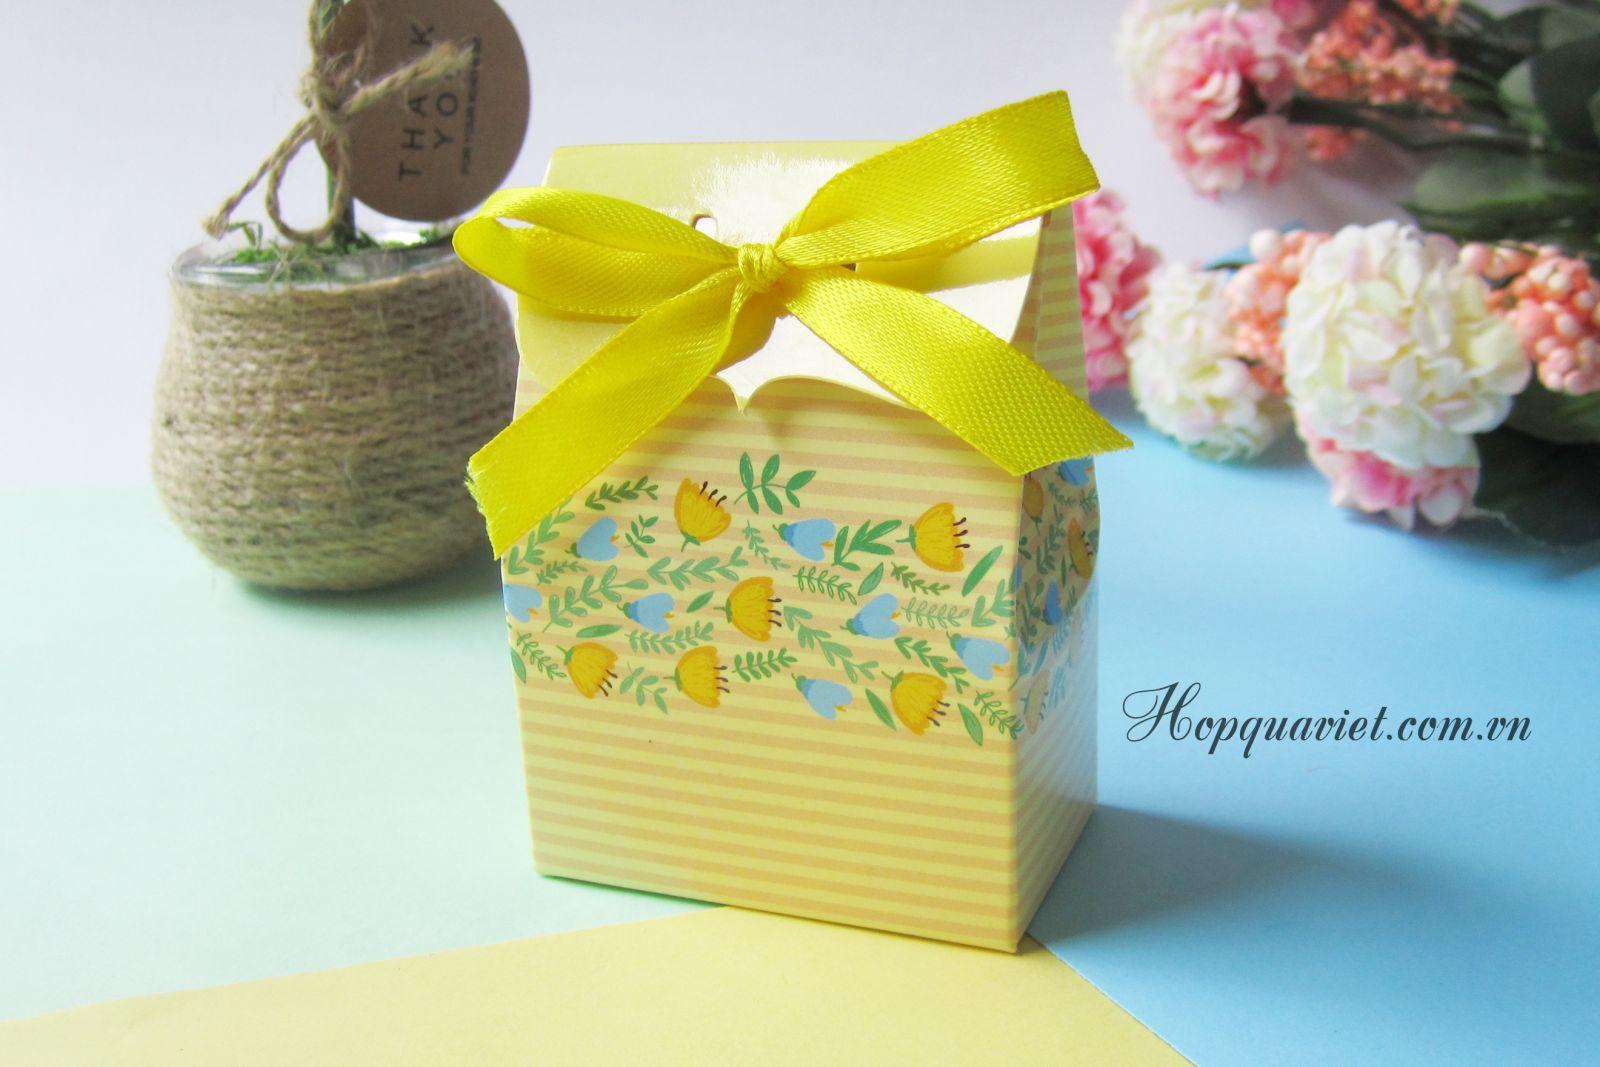 Hộp quà cưới chữ nhật hoa vàng 11V